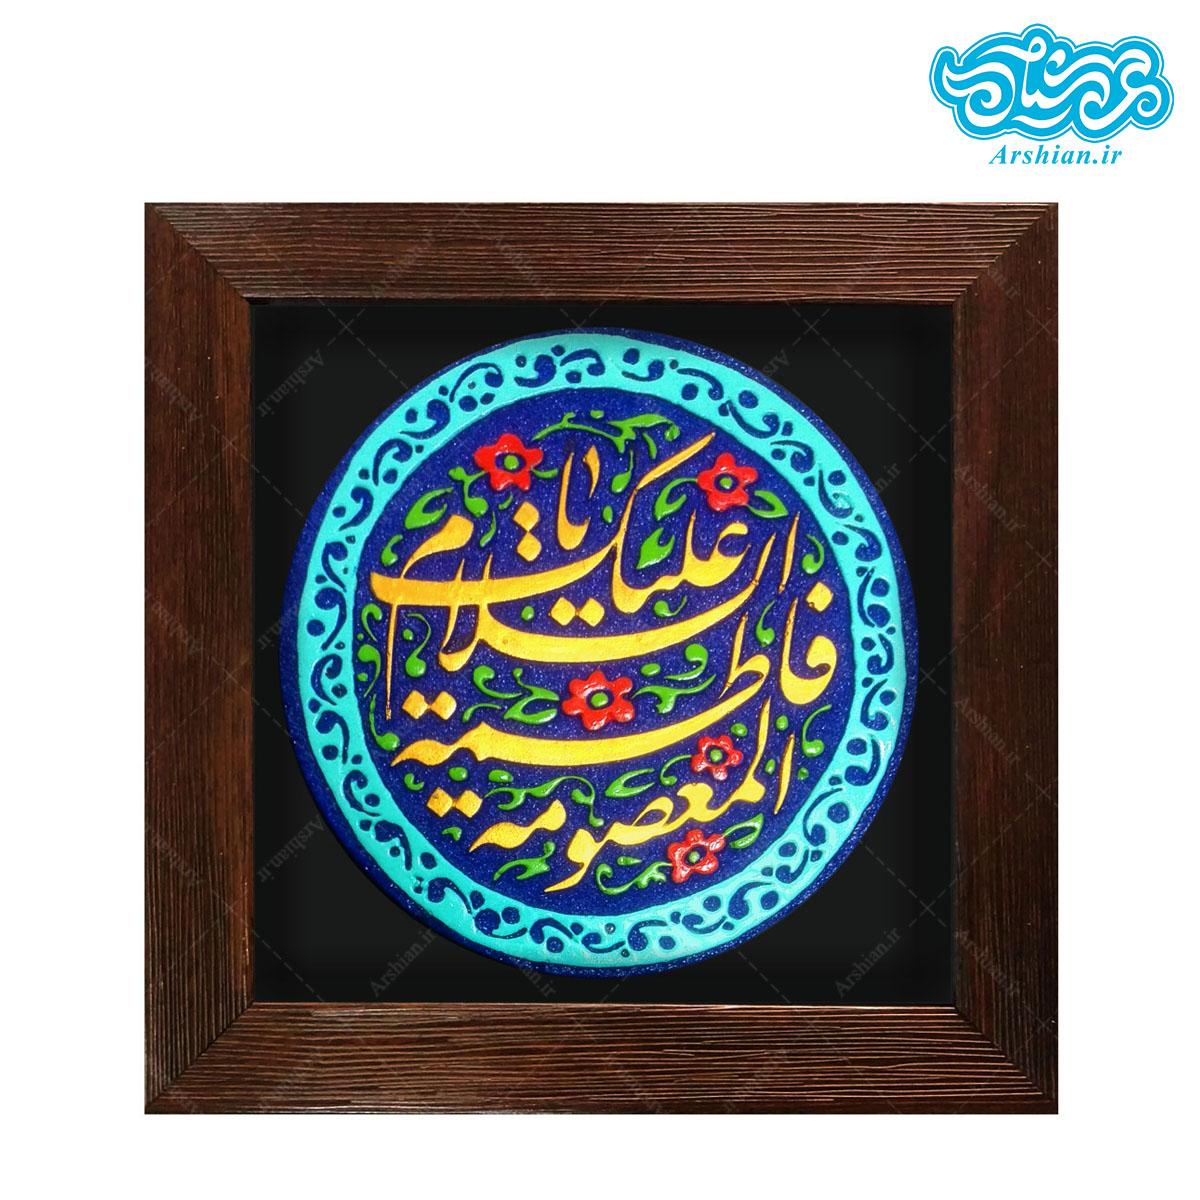 تابلو برجسته یا فاطمه معصومه سلام الله علیها کد ۱۸۱